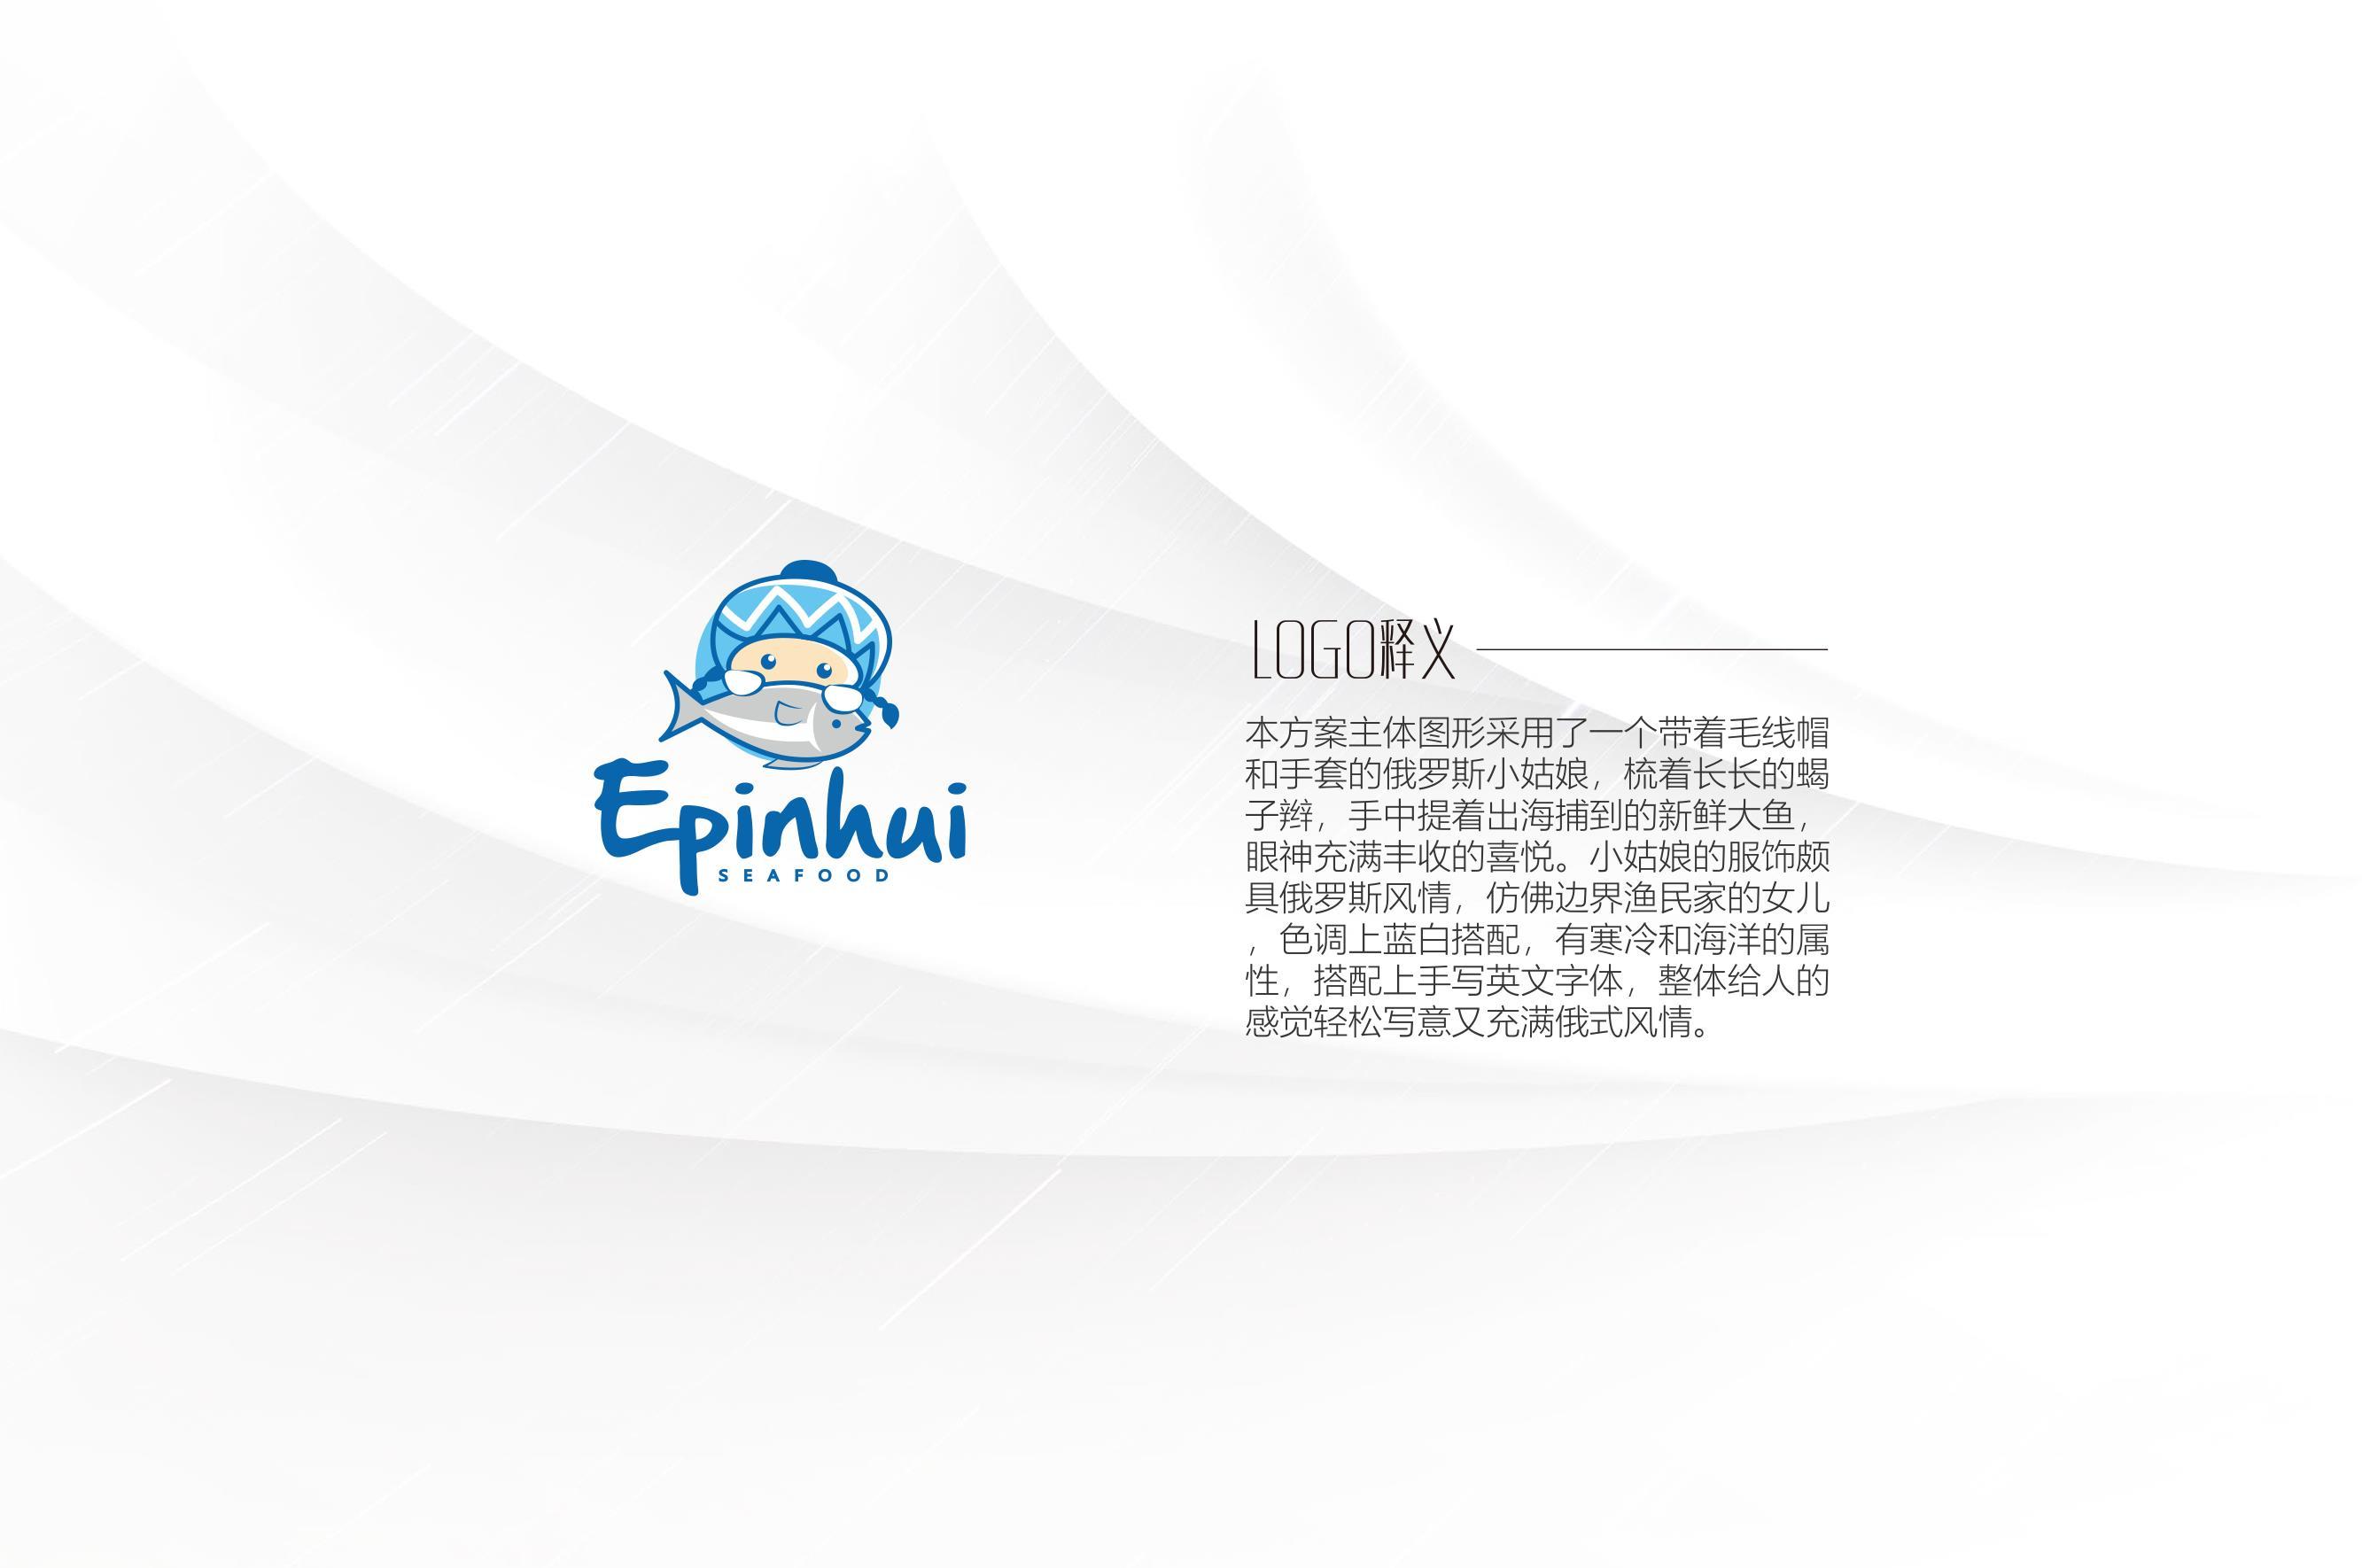 东宁市江南经济贸易有限公司3